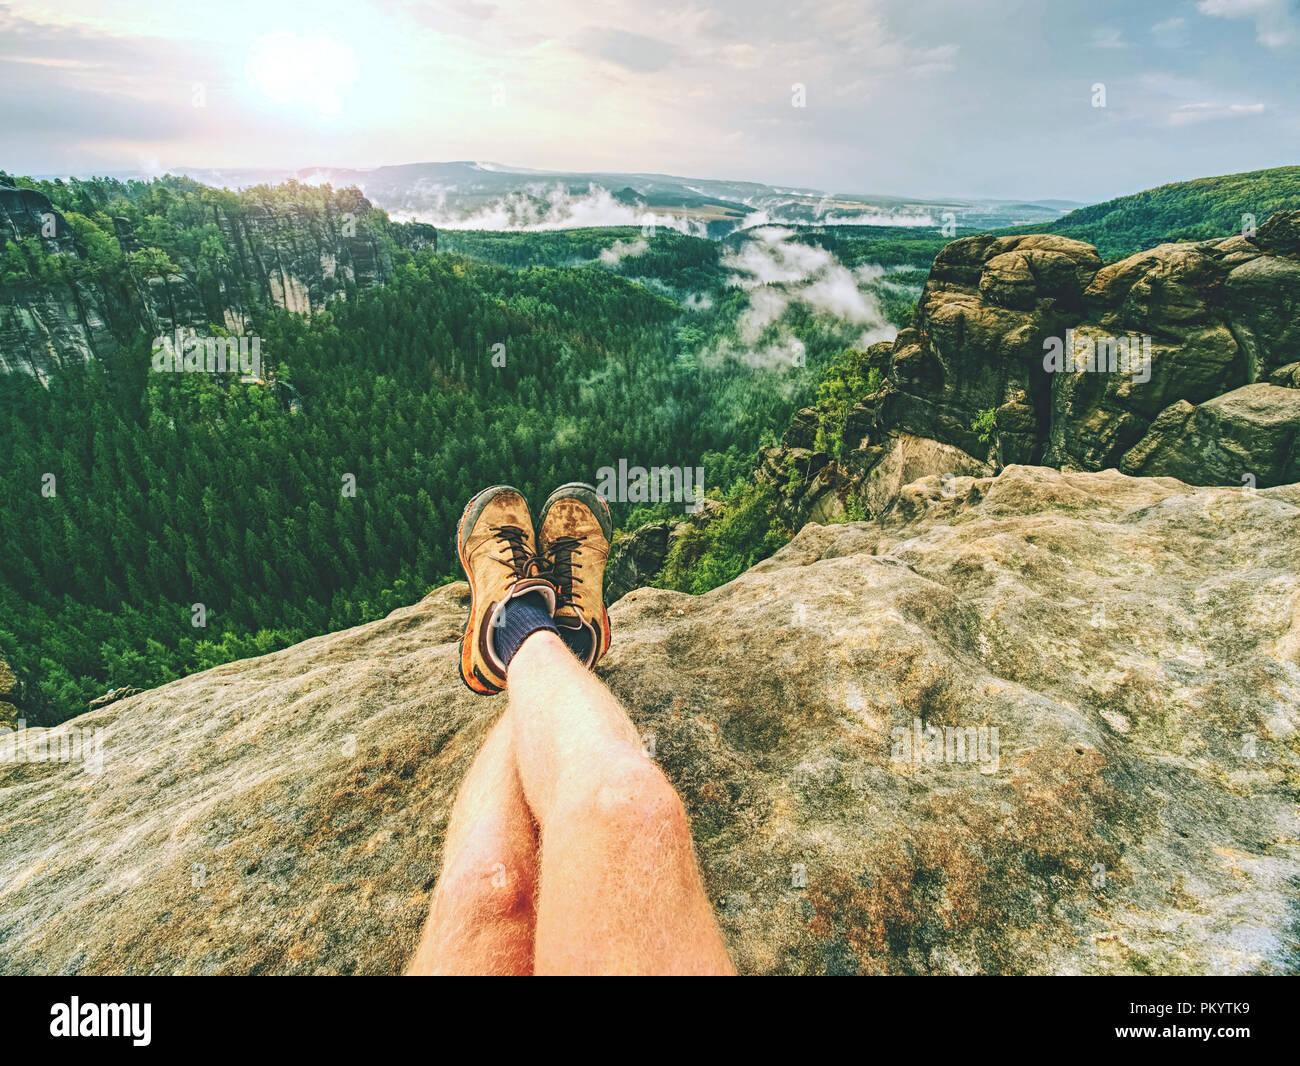 Wanderer Mann einen Rest am Berg. Männliche Beine auf scharfen Gipfel und Wanderer genießen Sie die spektakuläre Aussicht. Stockbild